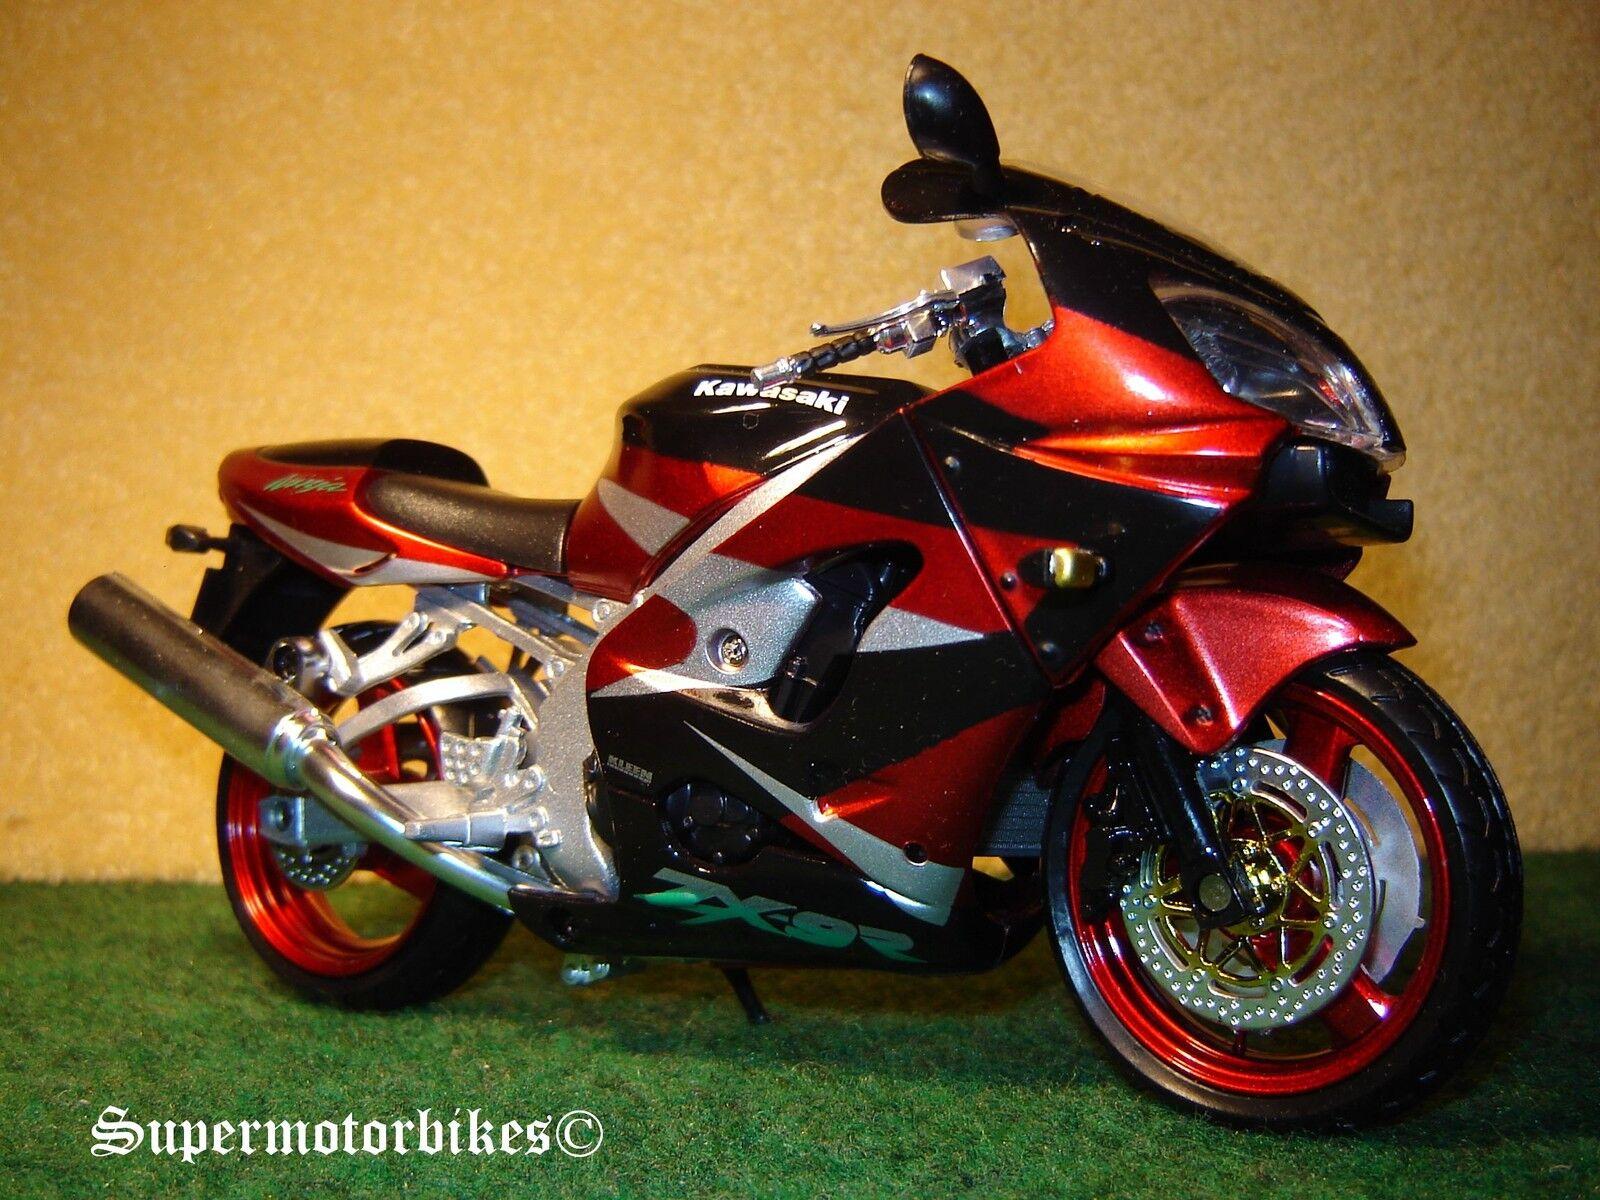 1 12 Kawasaki  ZX 9 R rougemetallic Noir éclairé 03085  pas de minimum